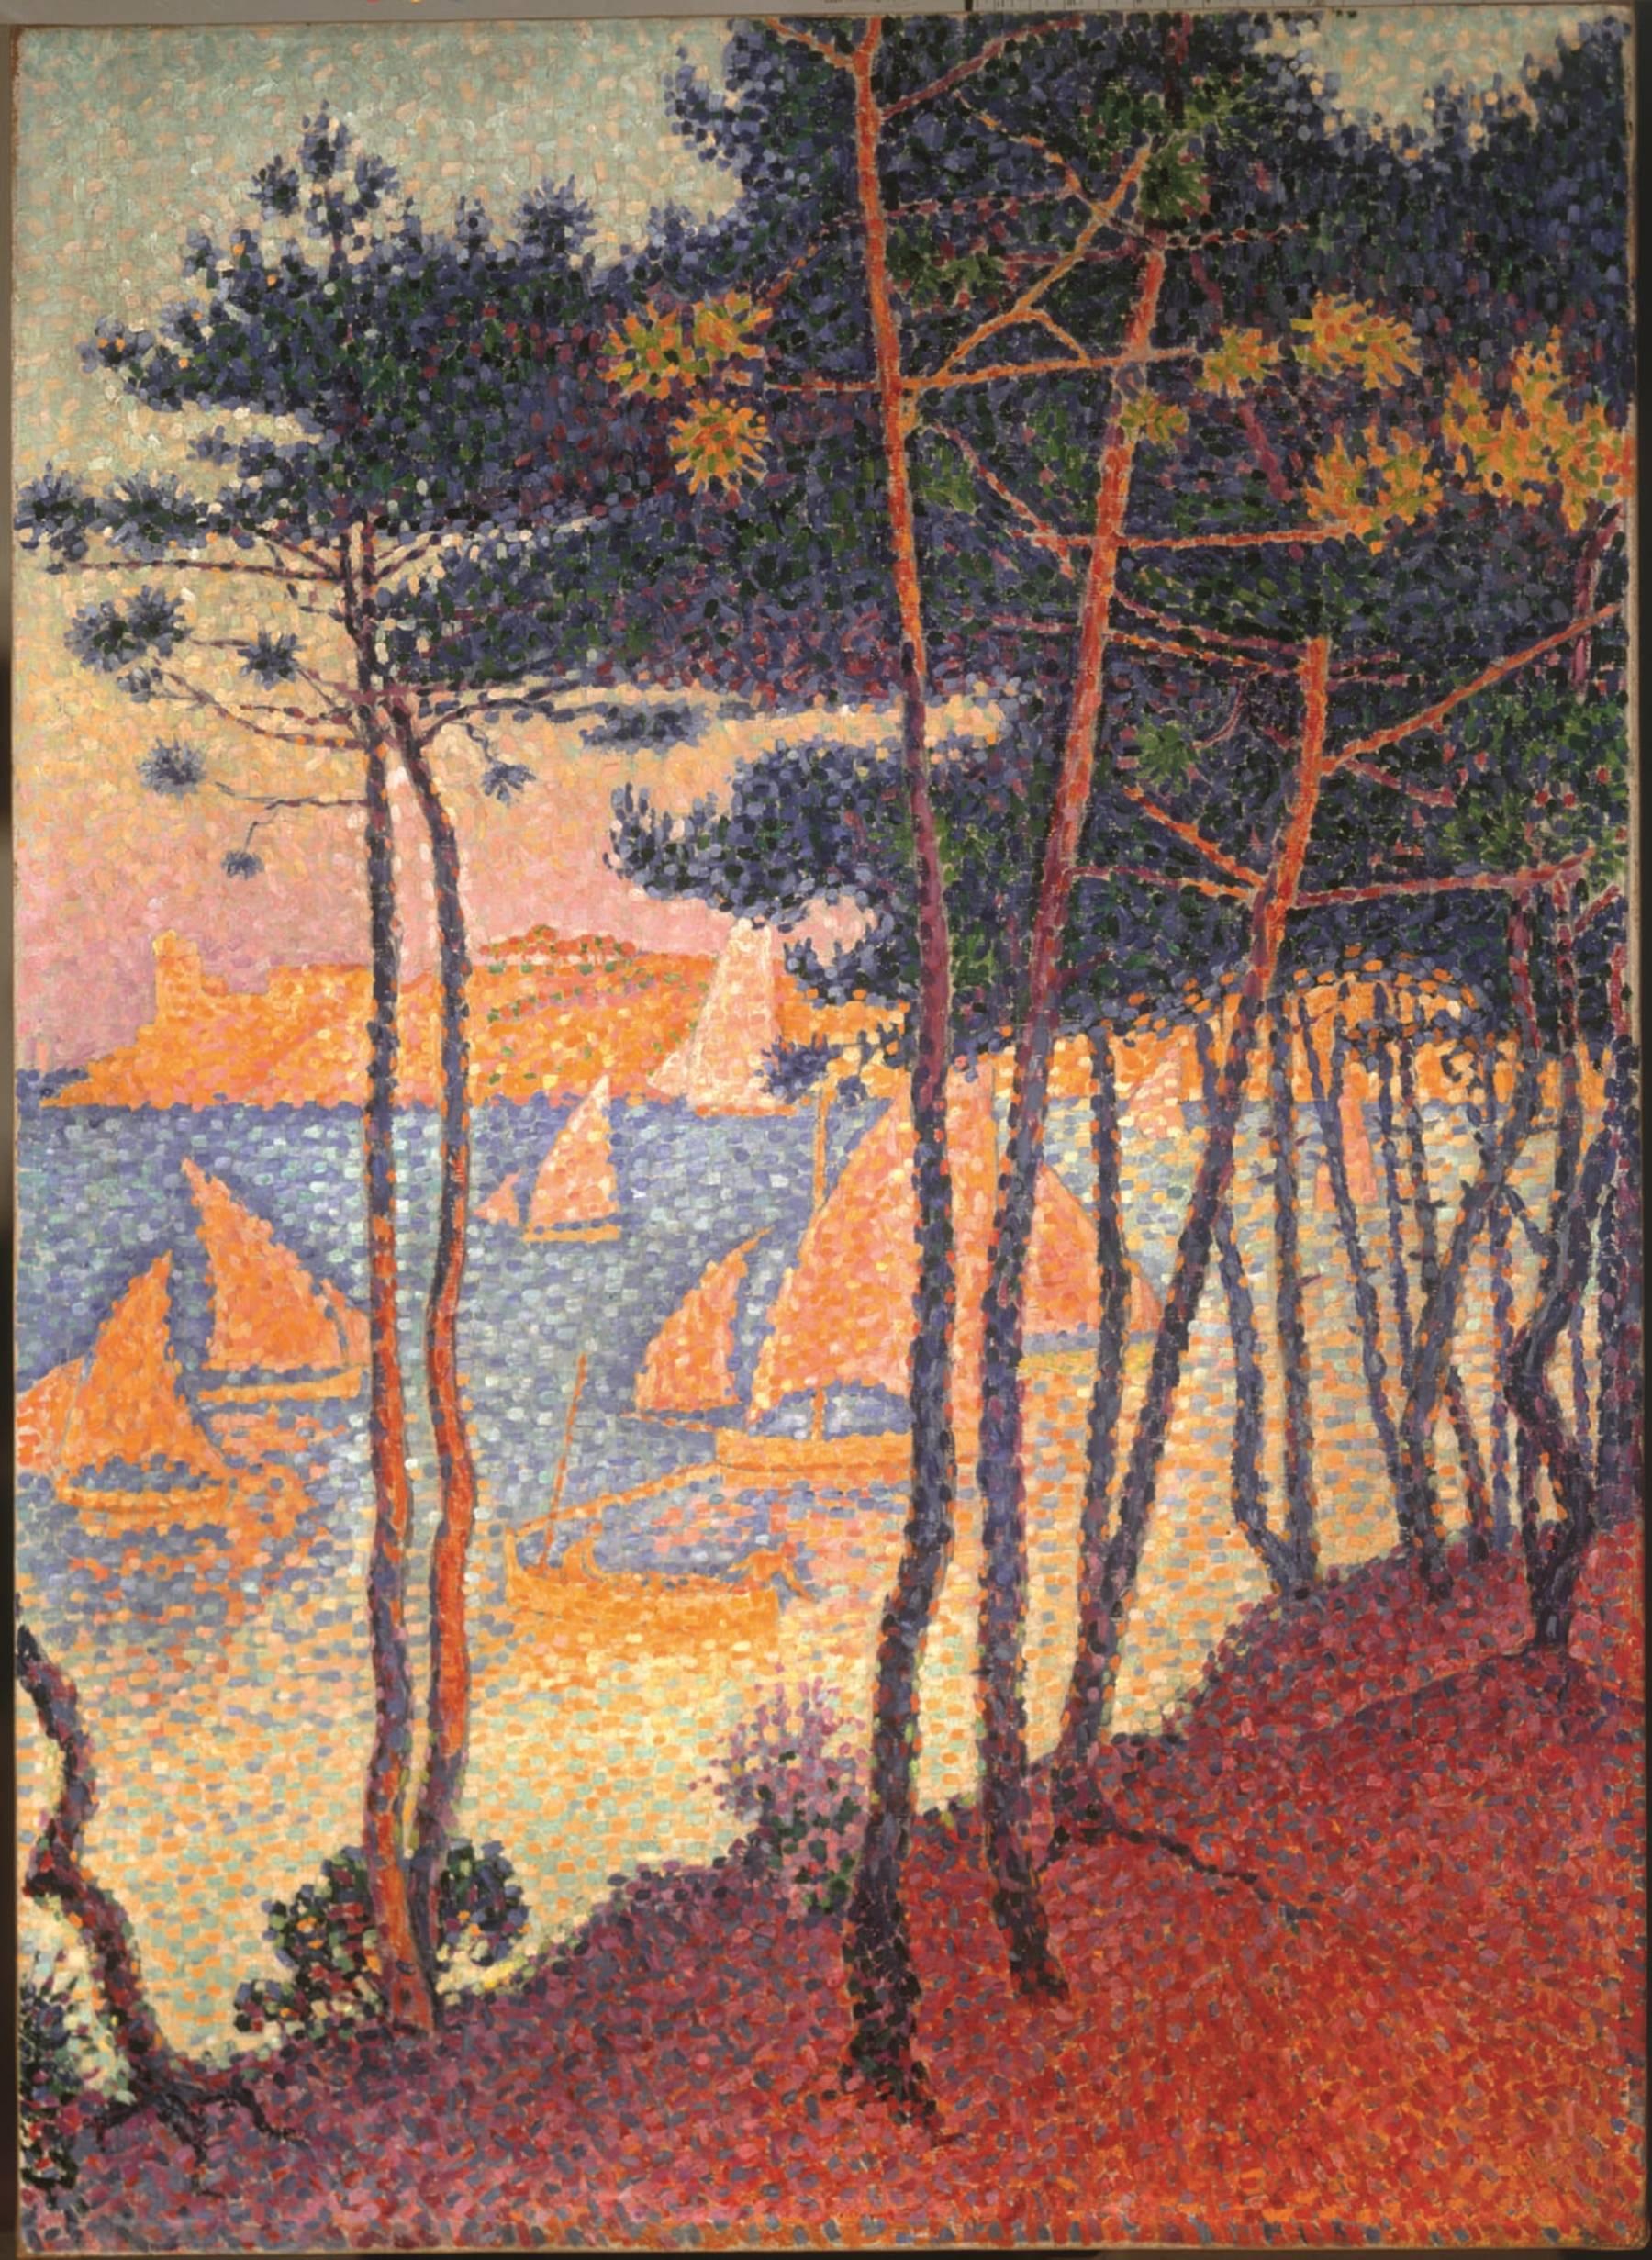 Paul Signac, Voiles et pins